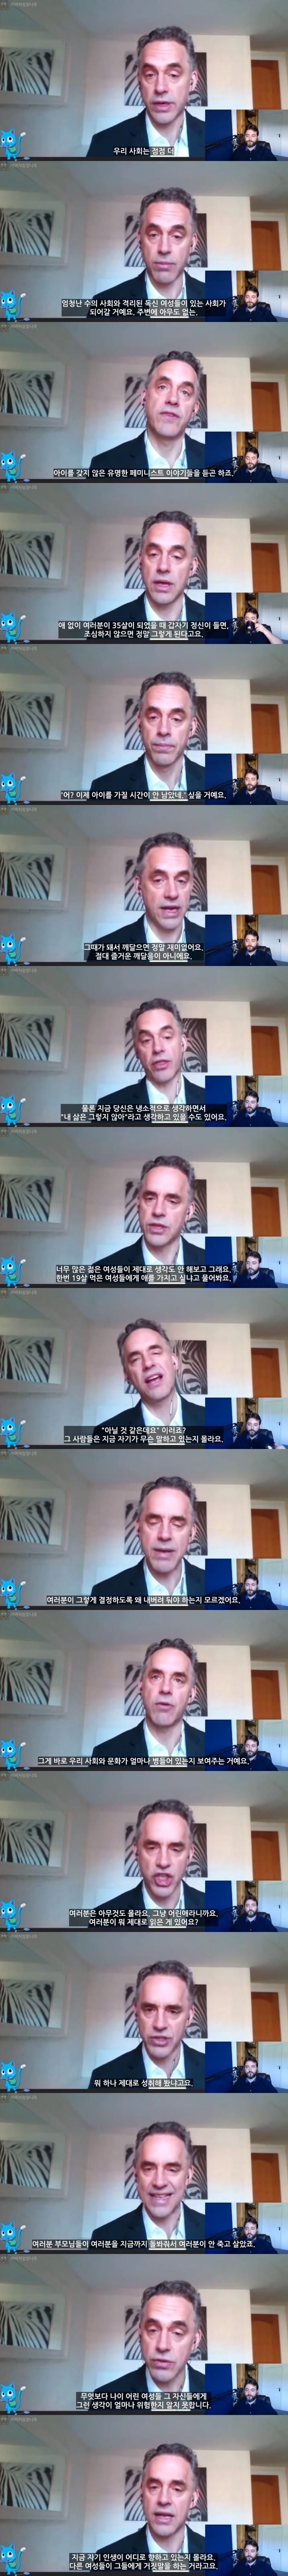 한국의 현재 상황을 예지하신 분